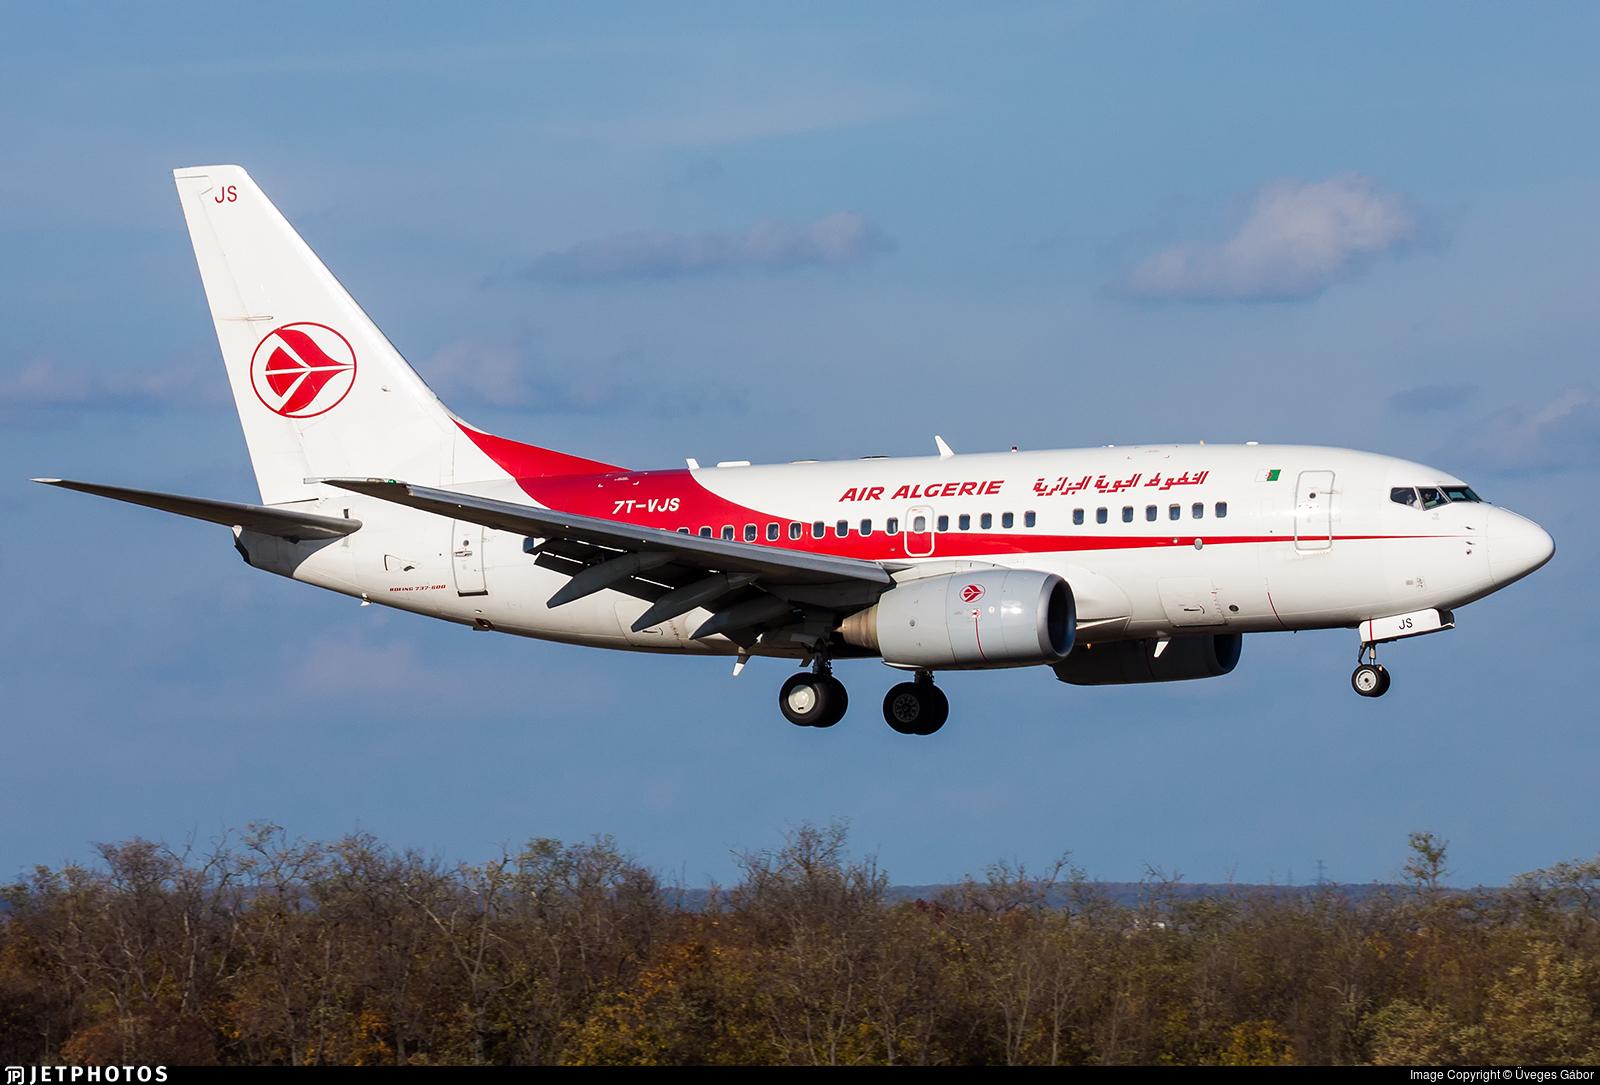 7T-VJS - Boeing 737-6D6 - Air Algérie